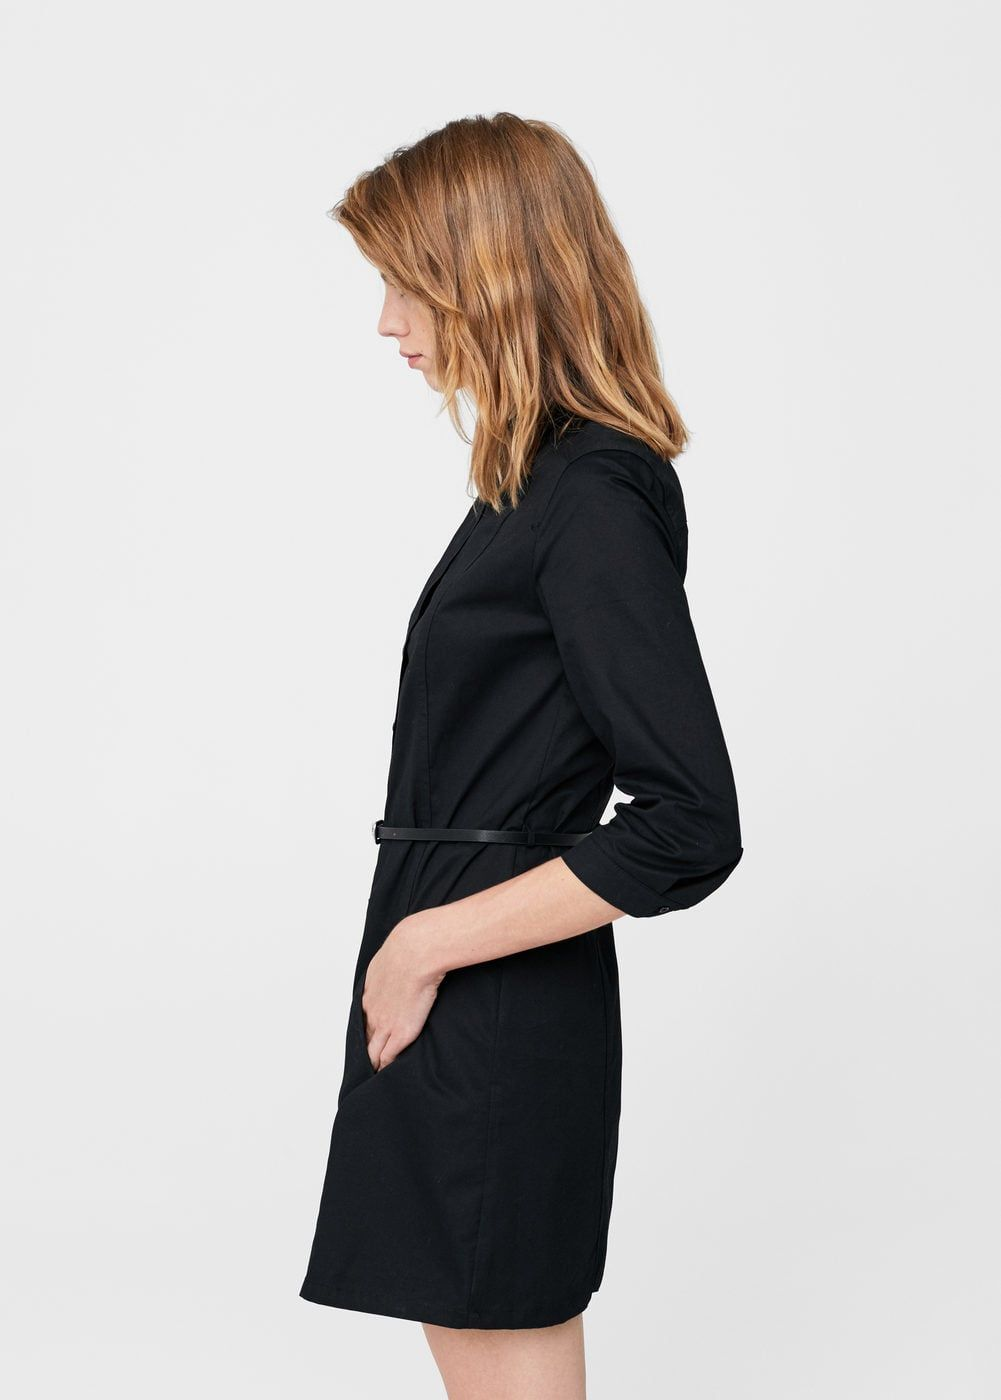 Robes Belt Cotton Noir Et Woman Pinterest Dress 7w1wxgpqZ dec36e387c4